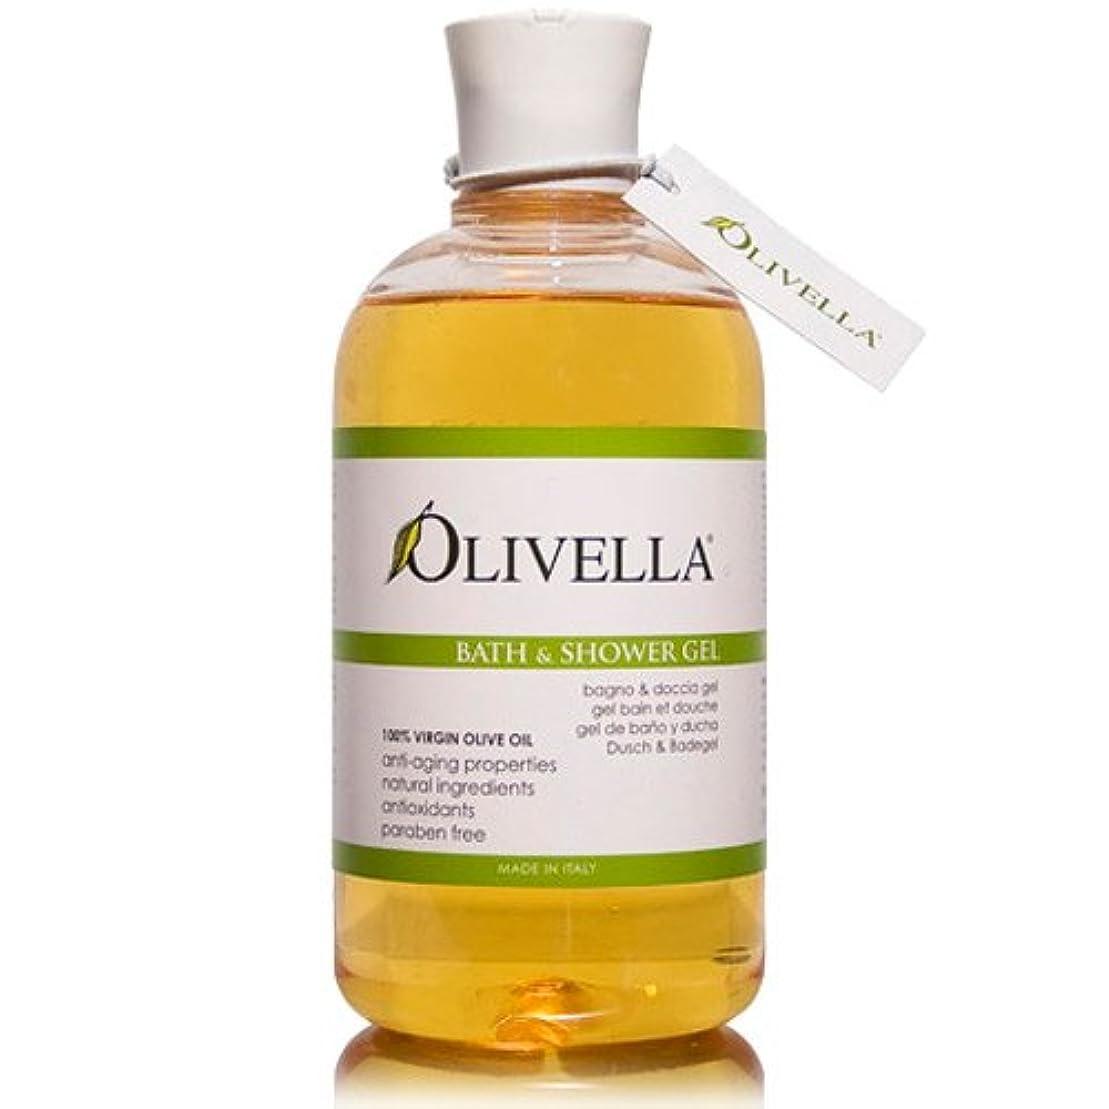 サイクル推論ピンポイントOlivella Olive Oil Bath & Shower Gel Original/Classic 16.9 oz. / 500 ml (並行輸入品)